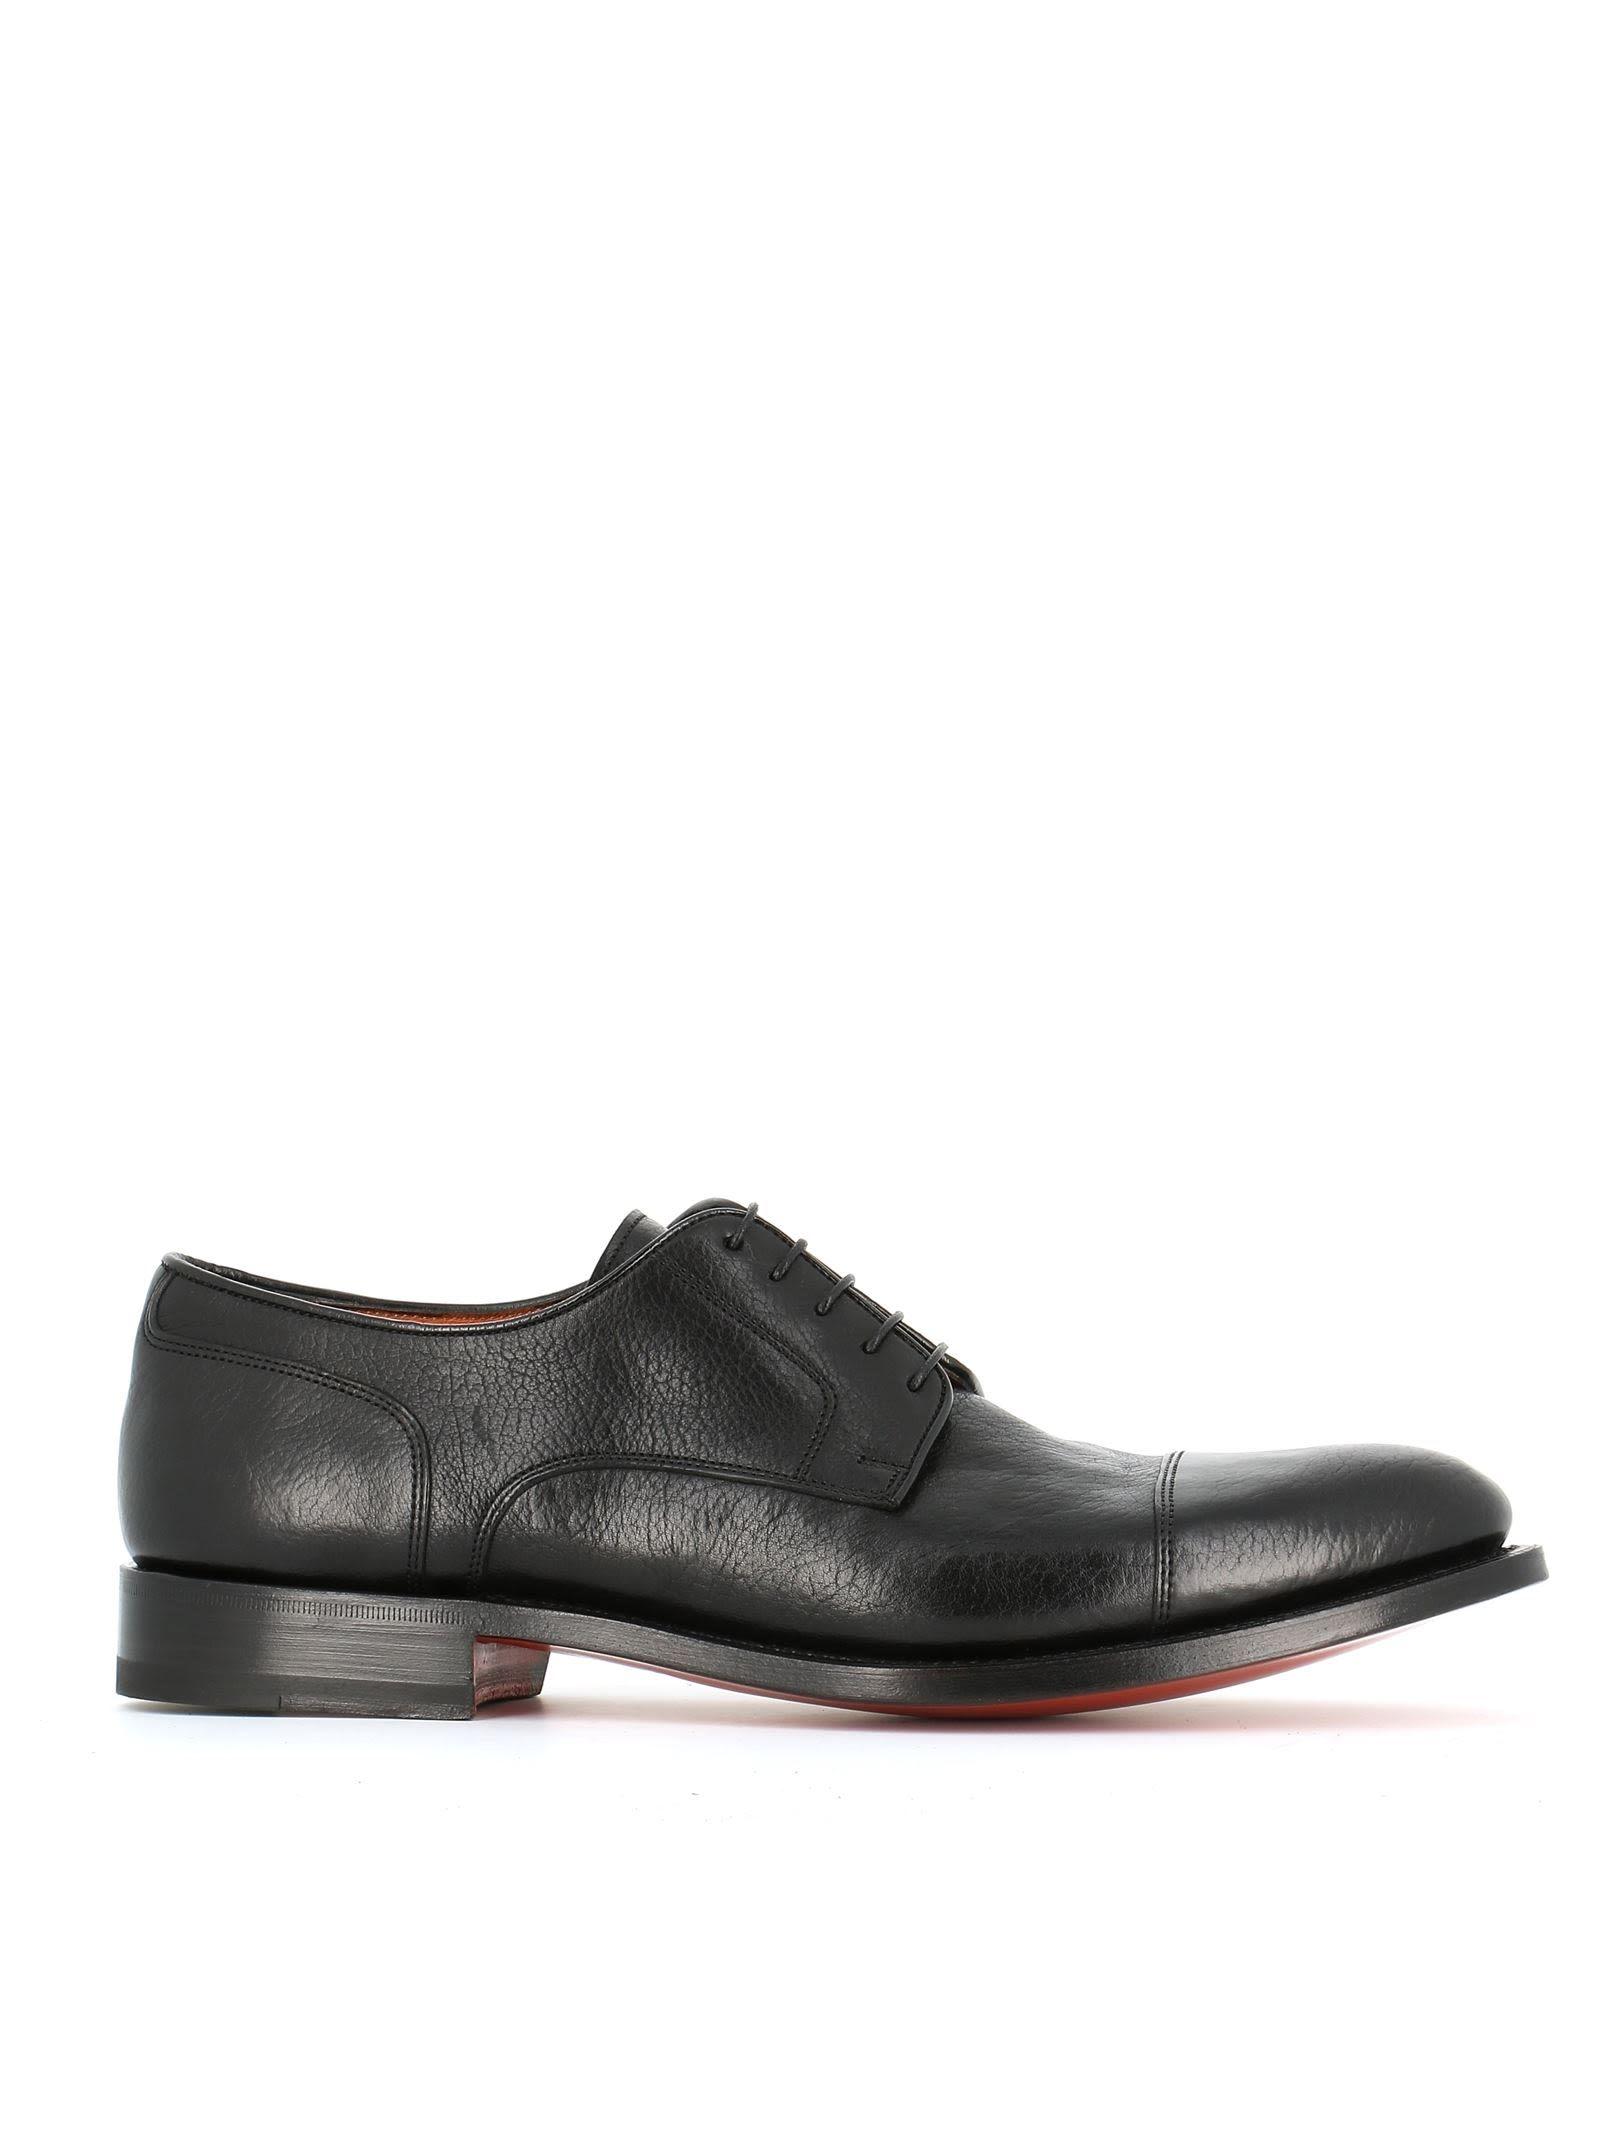 Chaussures Derby Classique - Marron Santoni ViMV5b